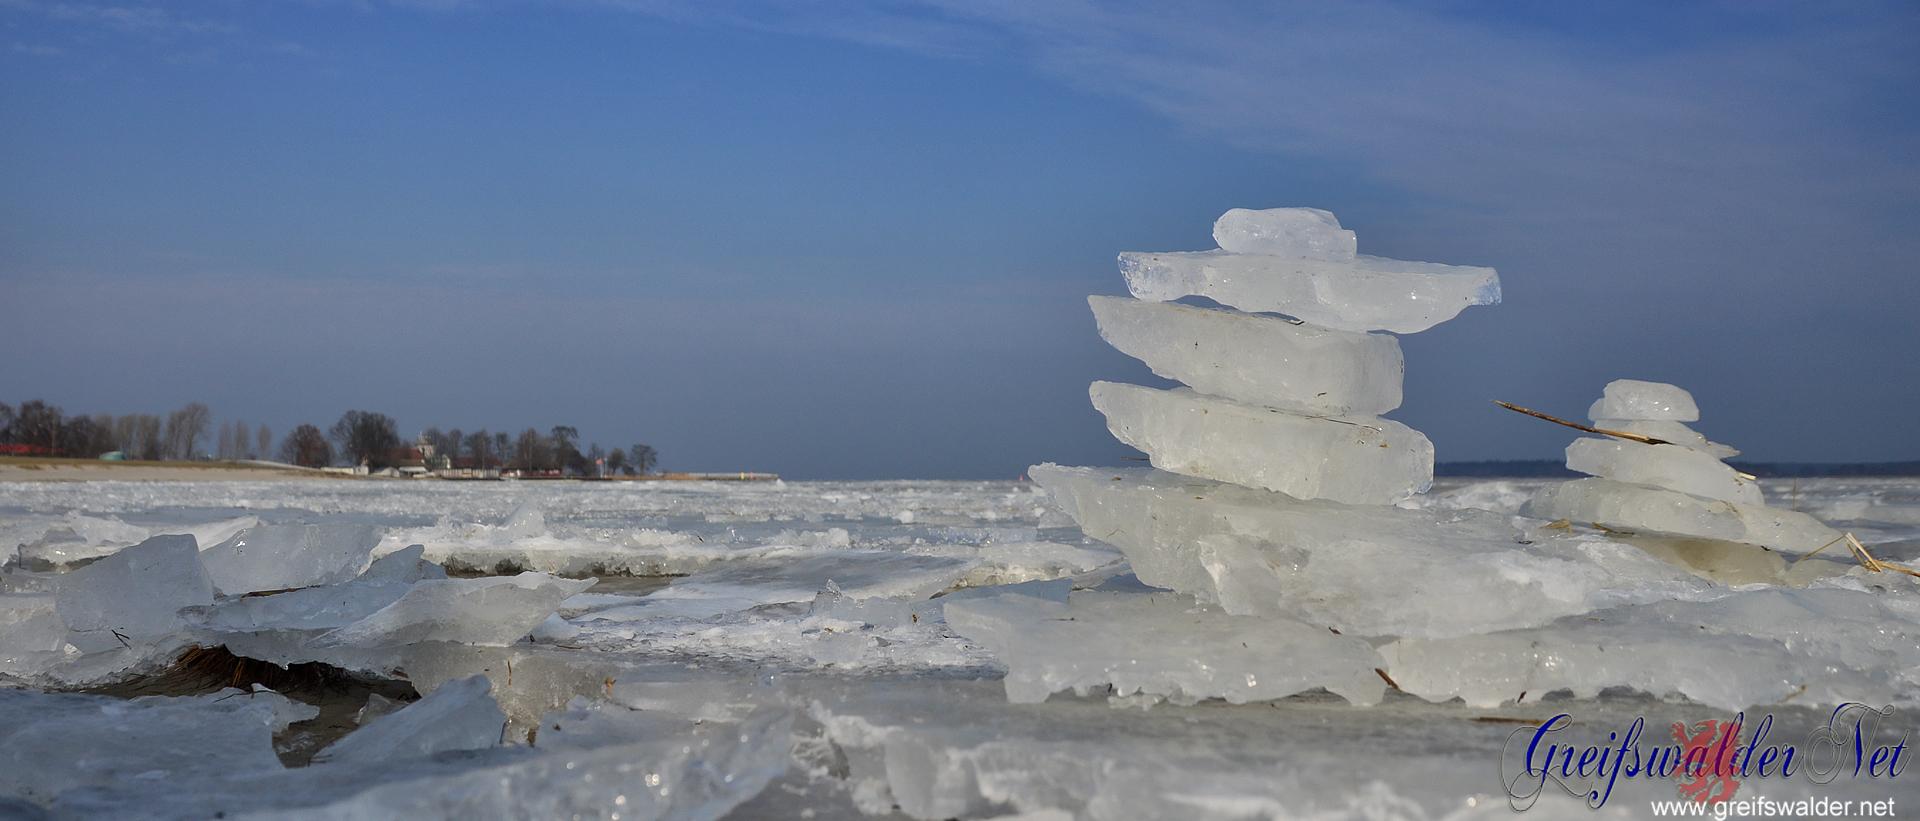 Eisschollen-Türmchen am Strand in Greifswald-Eldena